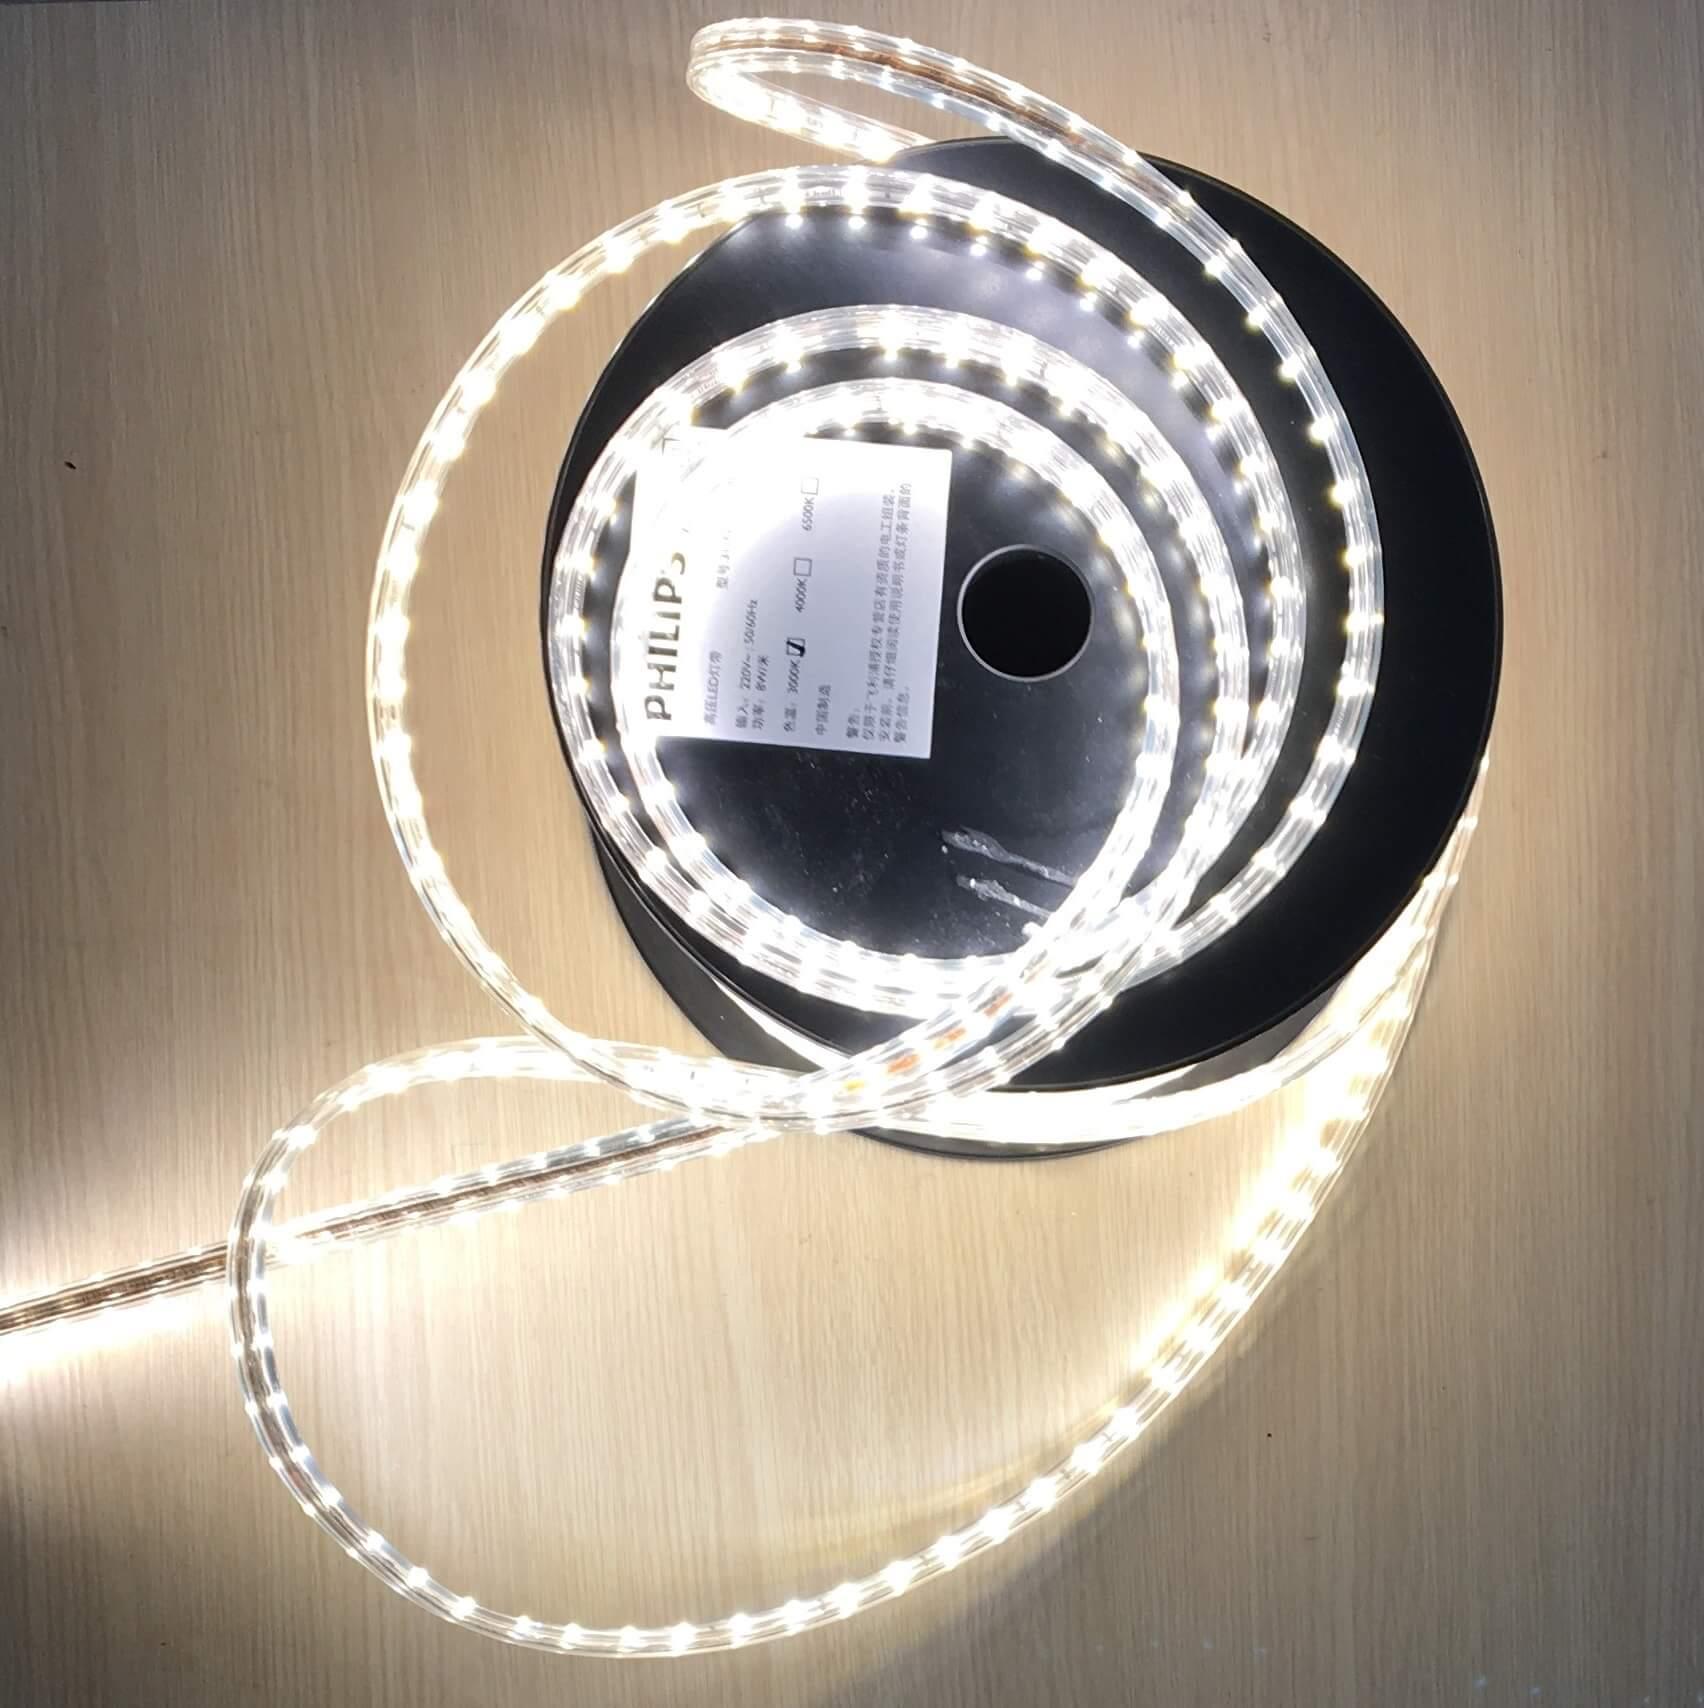 Đèn Led dây Philips DLI 31160 5W/mét HV LED TAPE 3000K LL White 220V 50 mét/cuộn